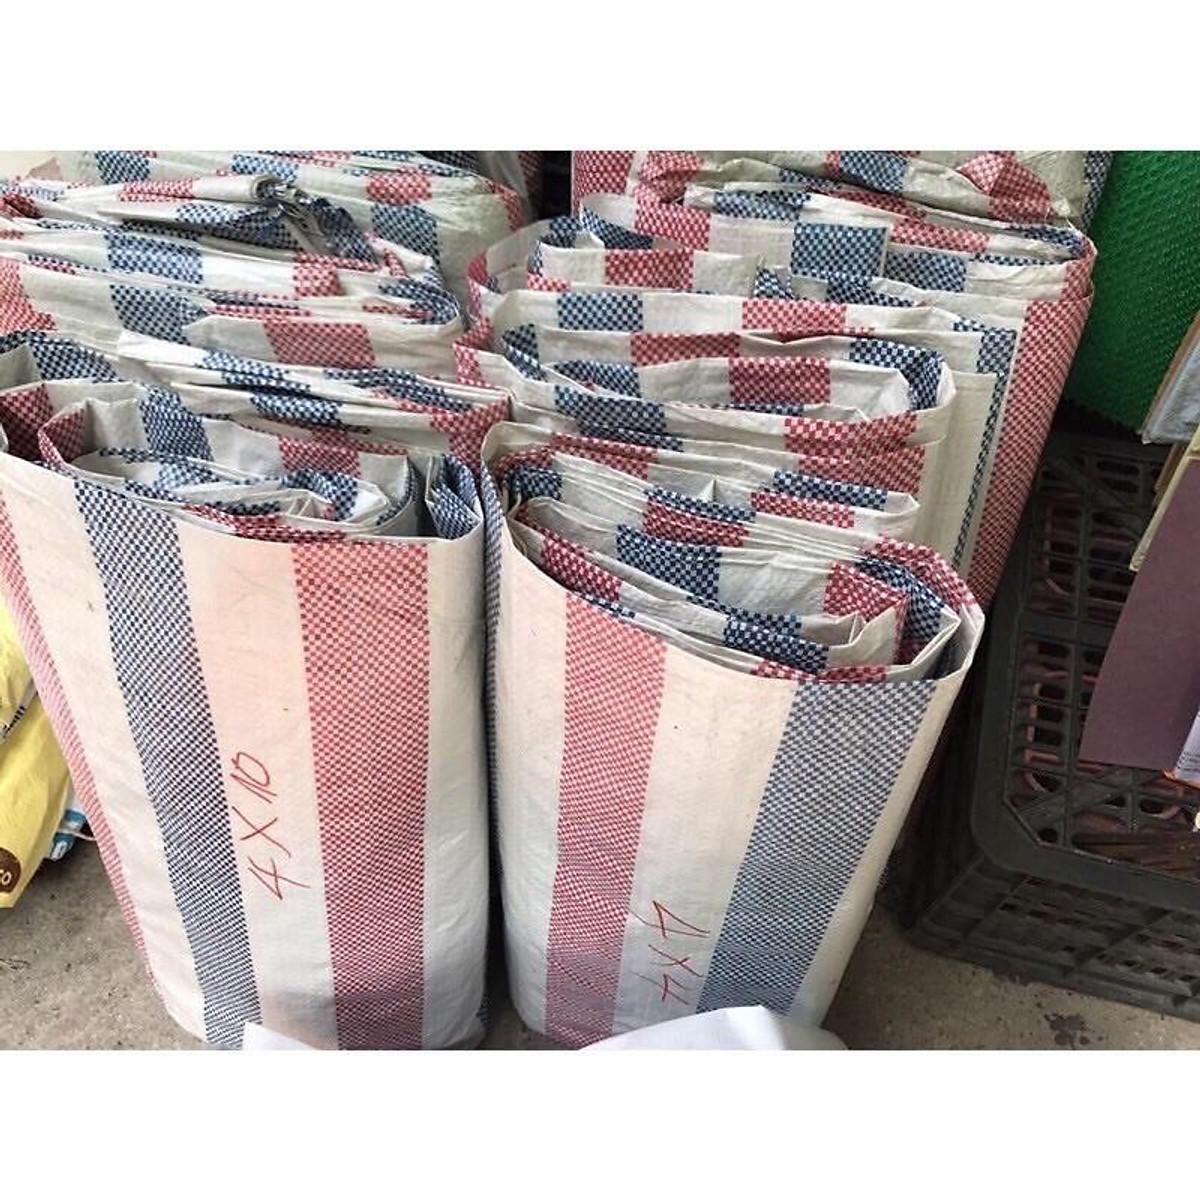 Báo giá bạt sọc kẻ 3 màu xanh đỏ, xanh trắng khổ 2m, 4m, 6m giá rẻ